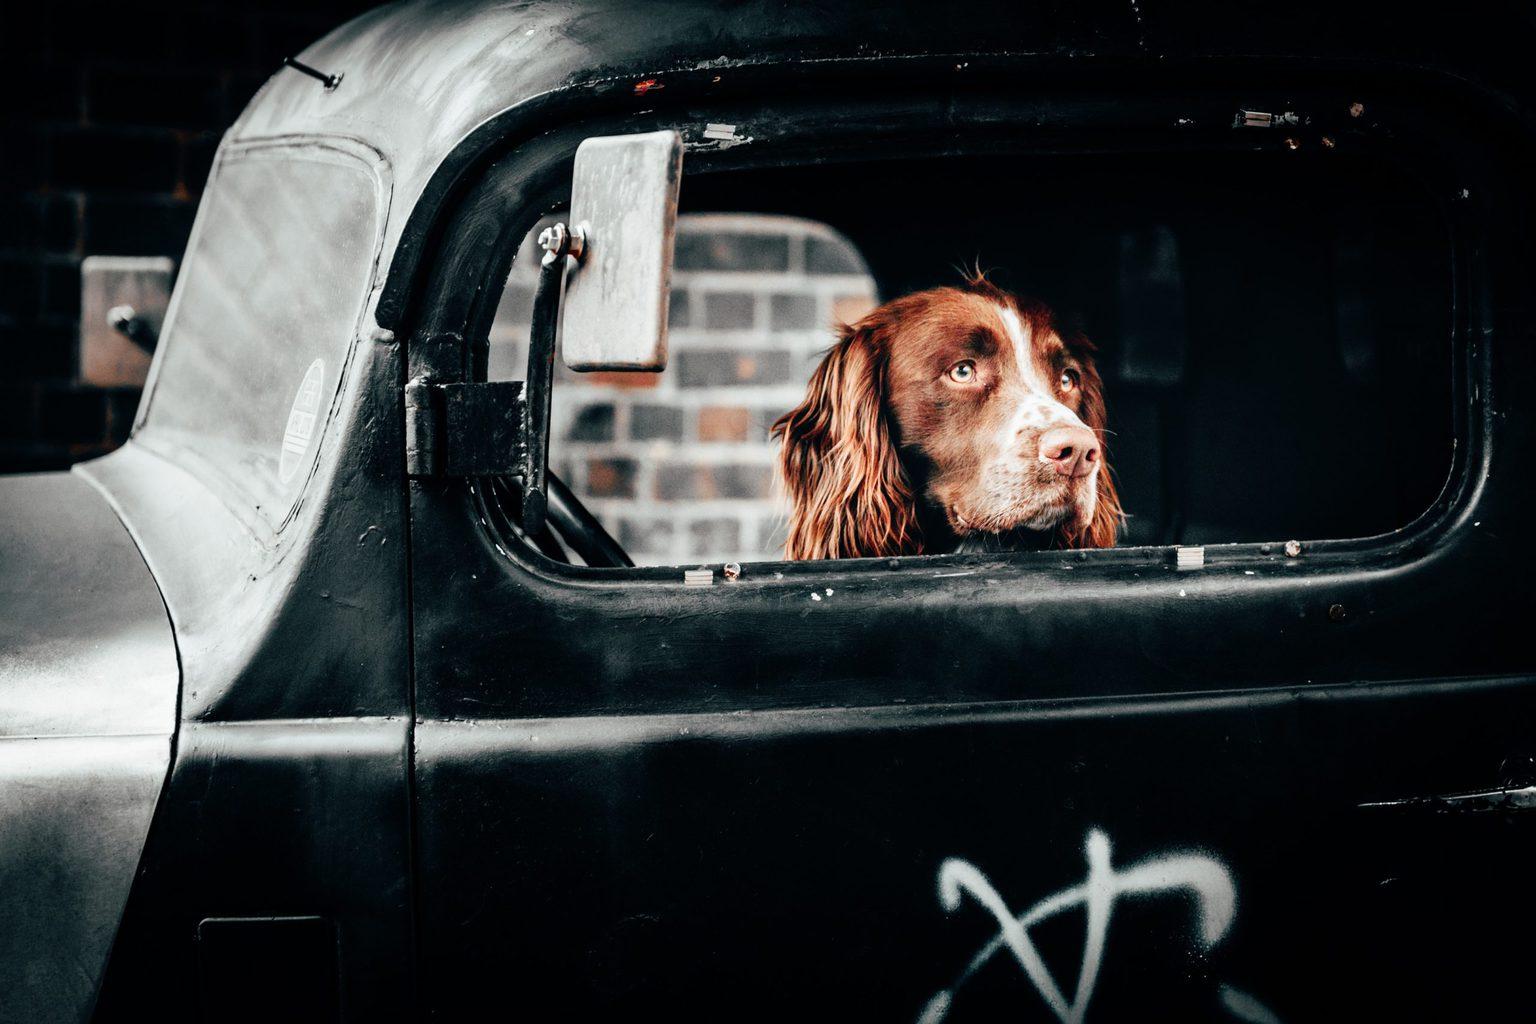 Perro asomado a la ventanilla de un coche